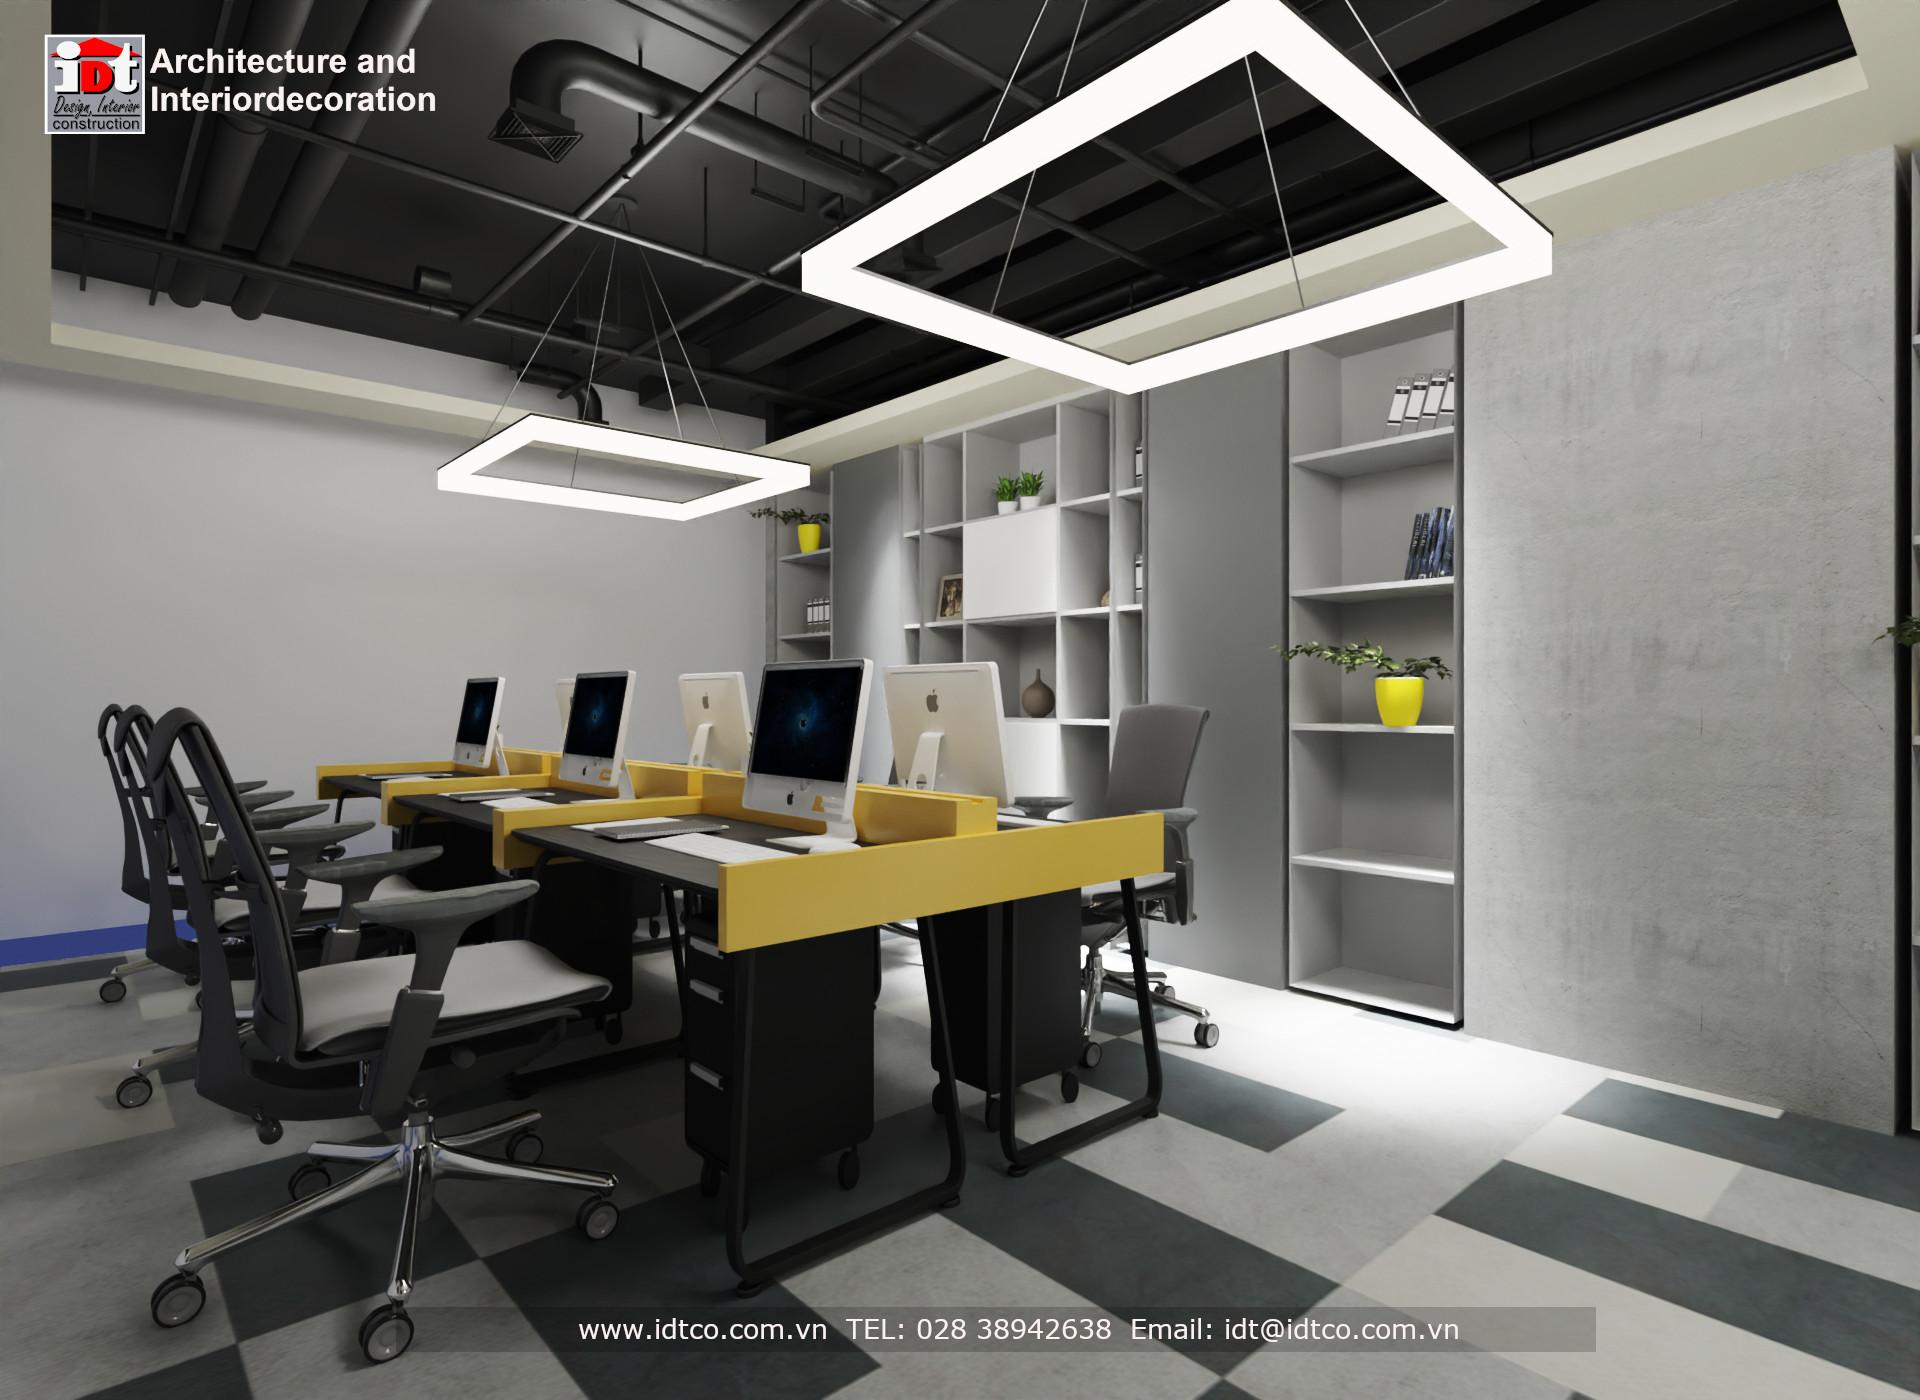 xưởng nhận thi công nội thất văn phòng